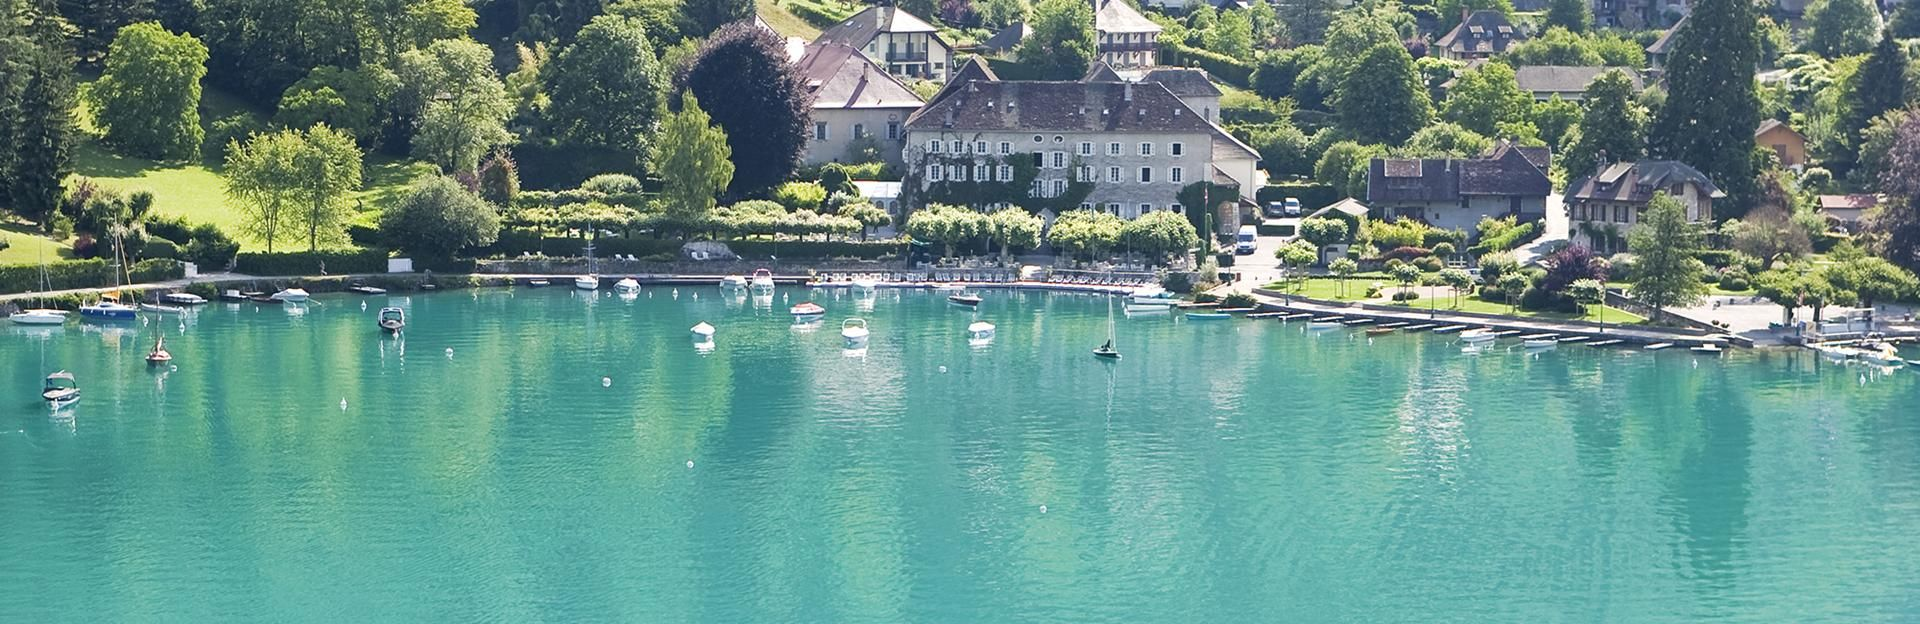 Abbaye de Talloires sur le lac d'Annecy